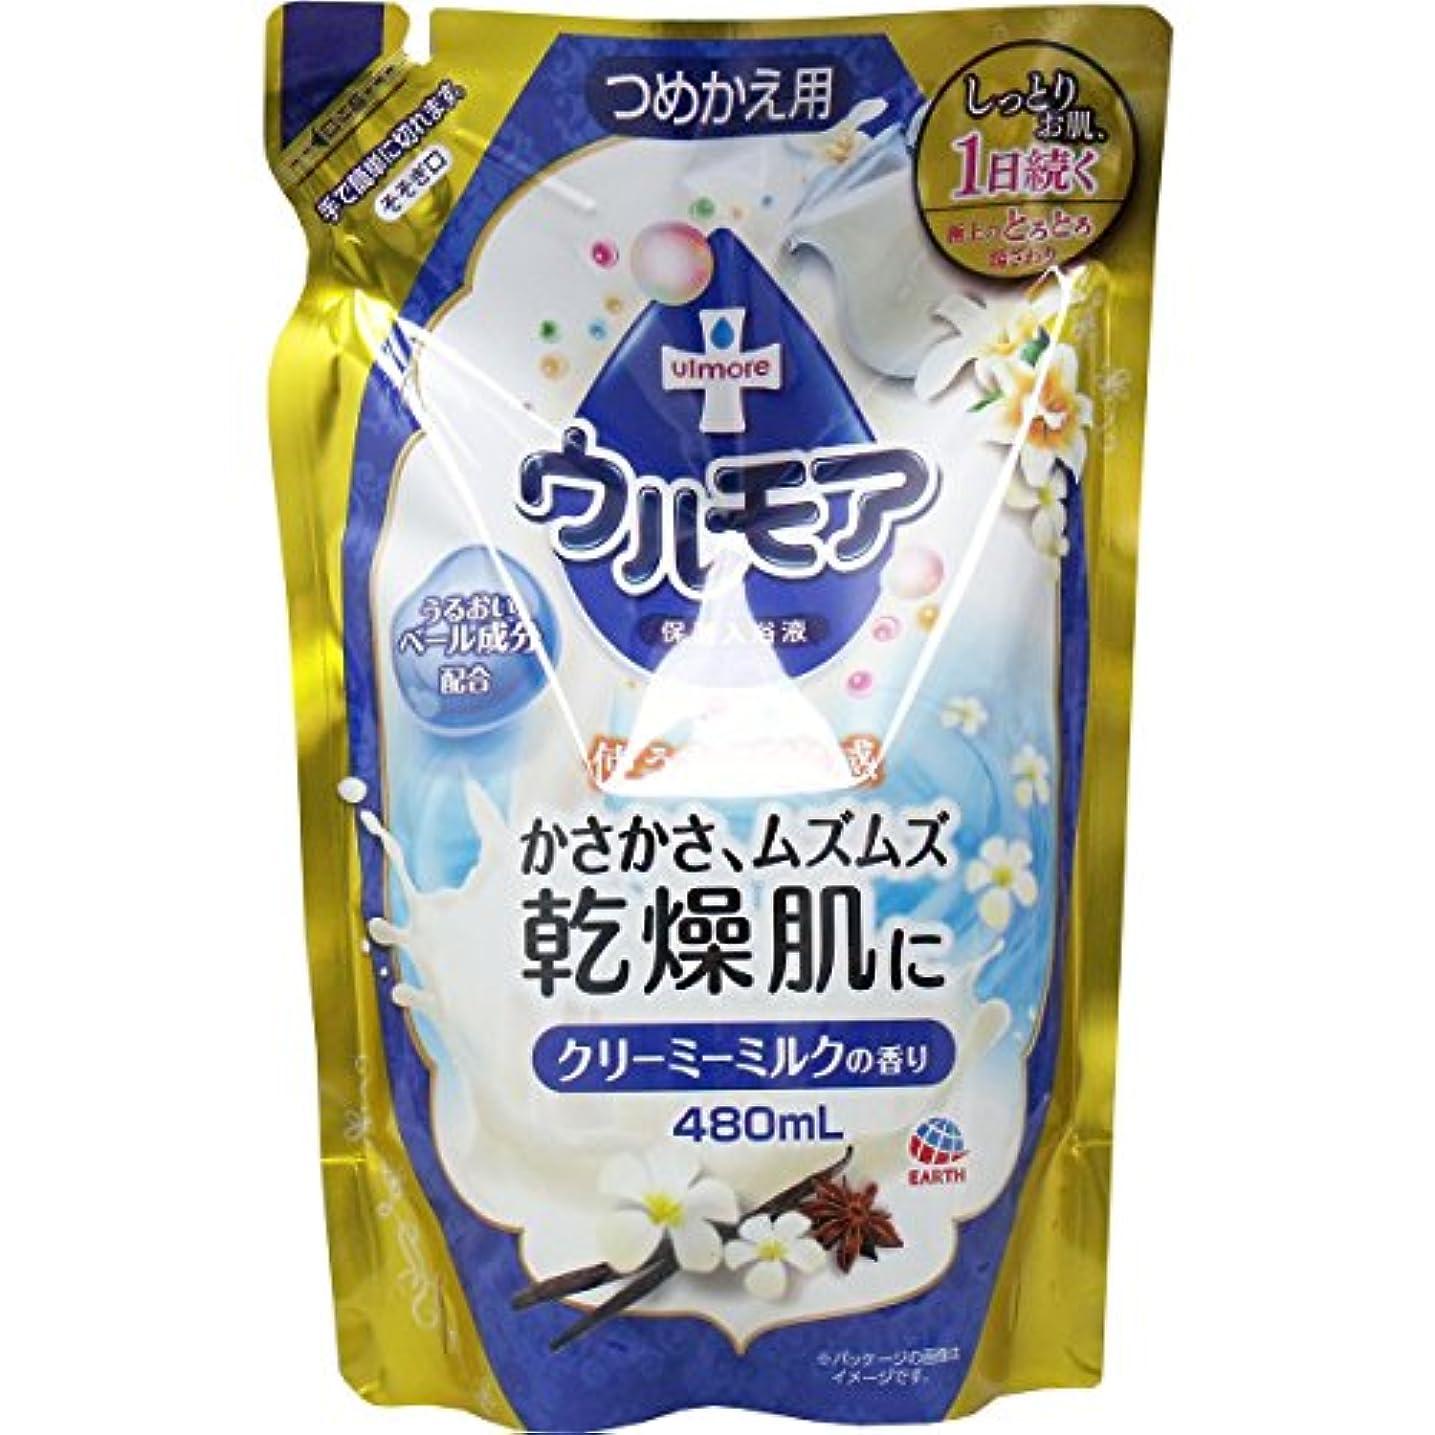 保湿入浴液ウルモアクリーミーミルク 替え × 10個セット